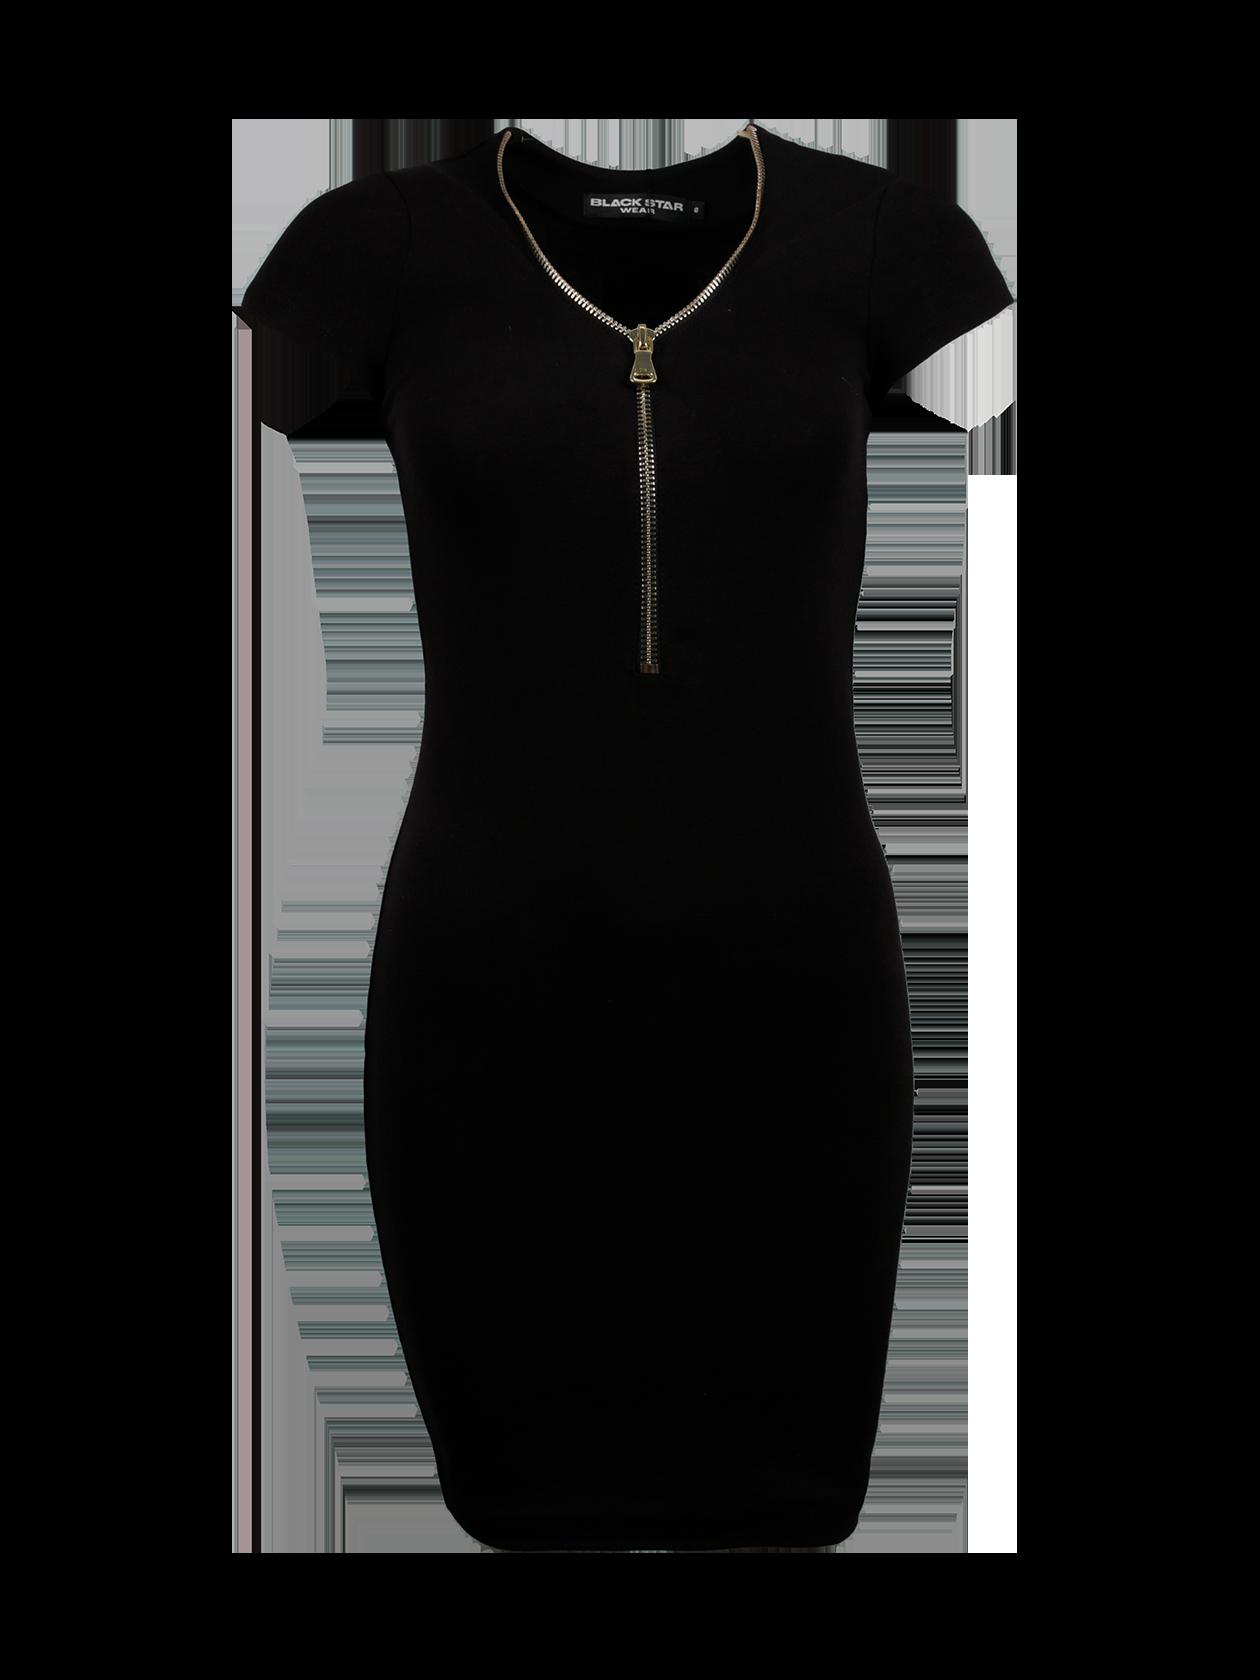 Платье женское ROYALTY GOLD 13Платье женское Royalty Gold 13 – идеальное решение для создания стиля на каждый день. Модель лаконичного дизайна подходит для офиса, прогулок, встреч с друзьями. Облегающий крой, оптимальная длина до колена, небольшой аккуратный рукав. Черная расцветка актуальна в любом сезоне, с ней можно комбинировать любую обувь и аксессуары. Интересной деталью платья является золотая застежка на молнии в области декольте. Внутри по горловине спинке оформлен лейбл Black Star Wear. Изделие создано из бленда премиального хлопкового полотна.<br><br>Размер: M<br>Цвет: Черный<br>Пол: Женский